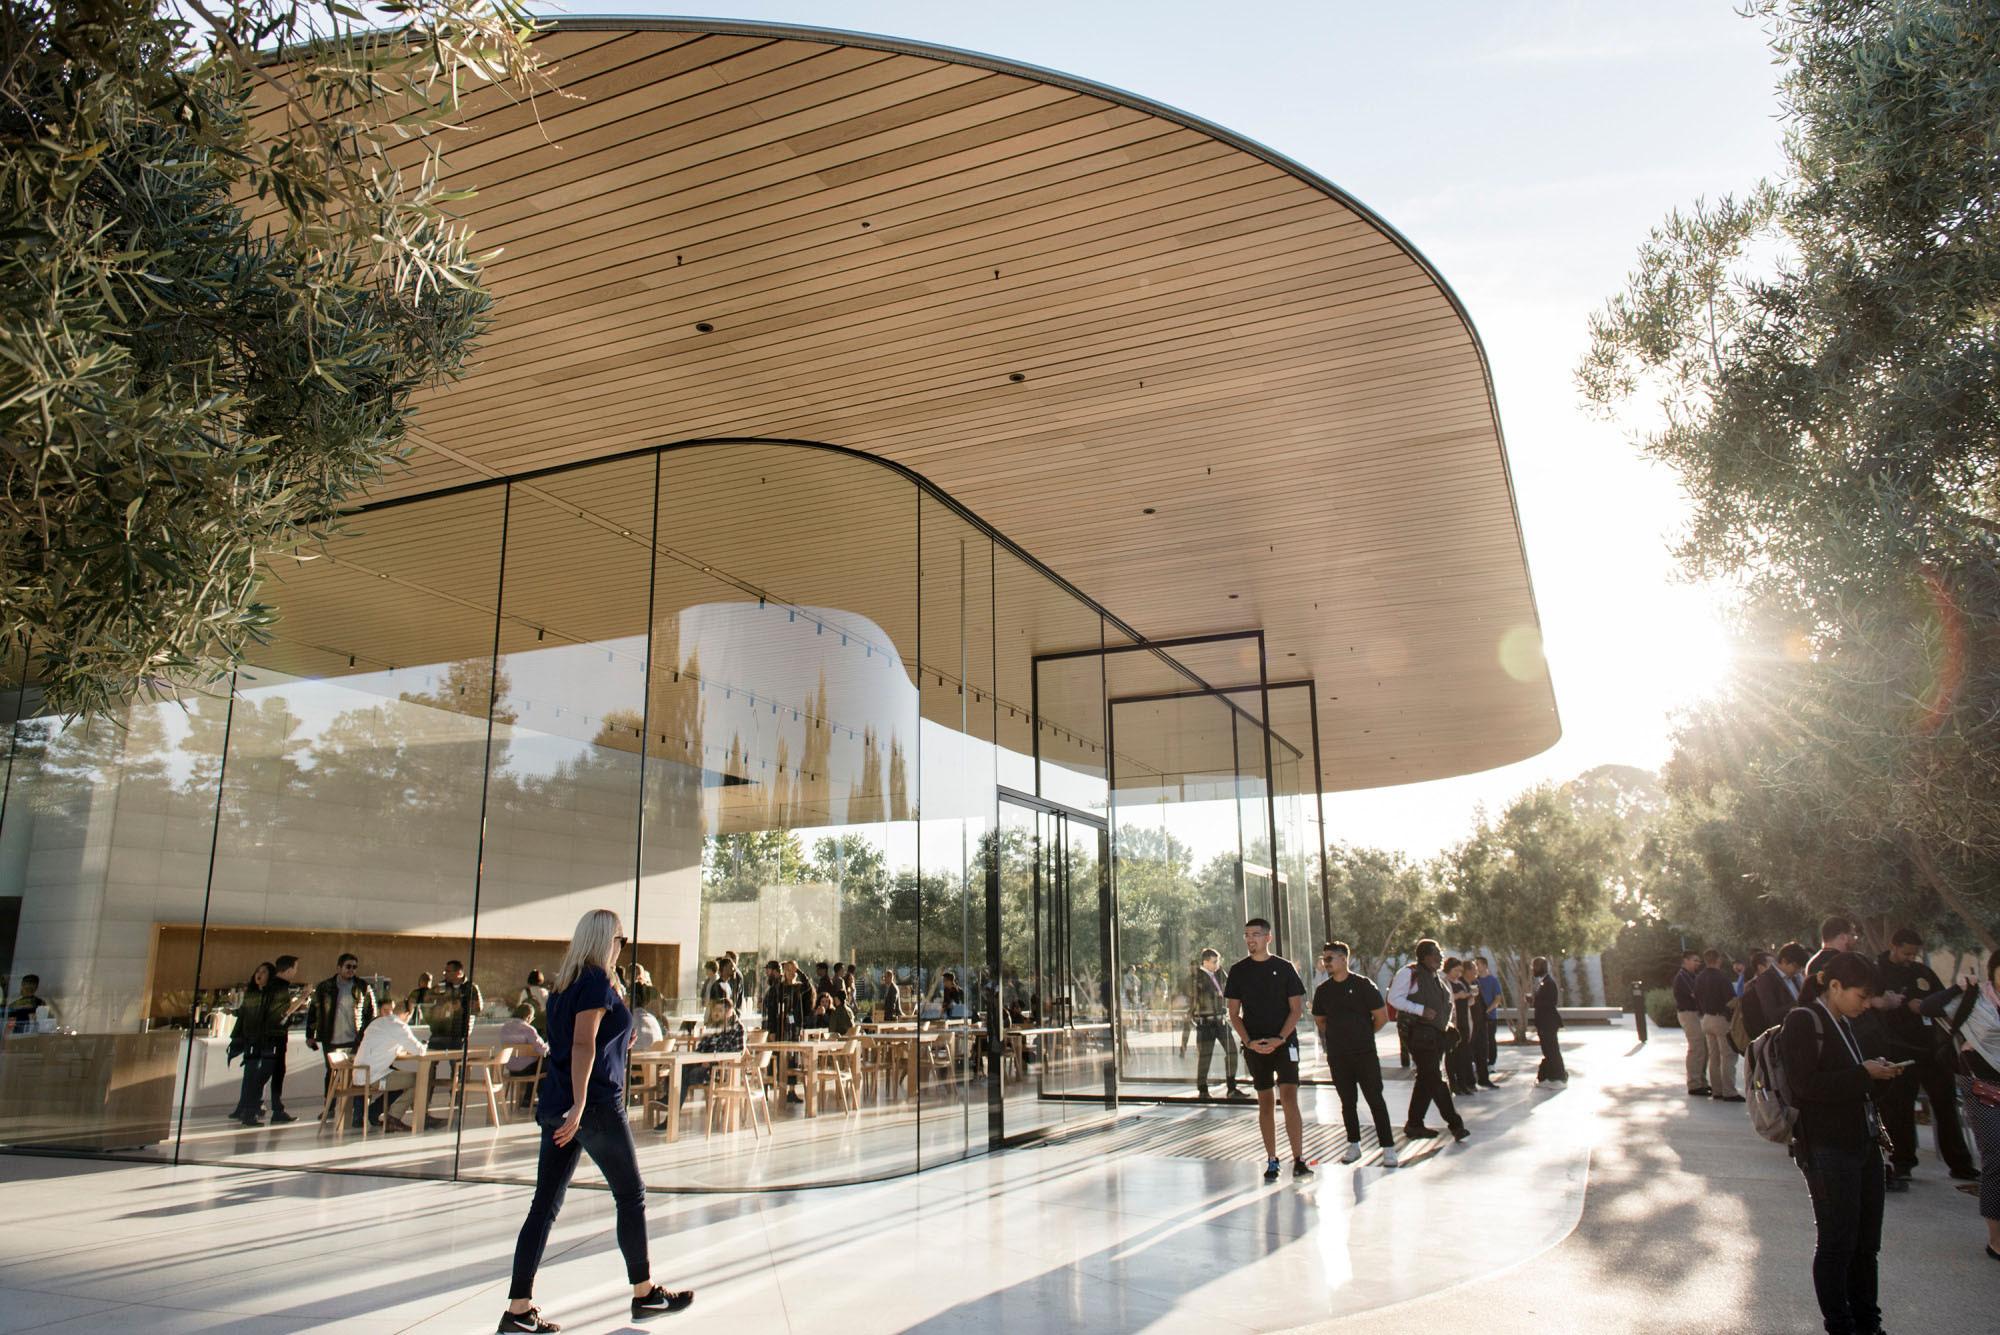 'Căn cứ phụ' của Apple - nơi dìm chết những ước mơ non trẻ Ảnh 2